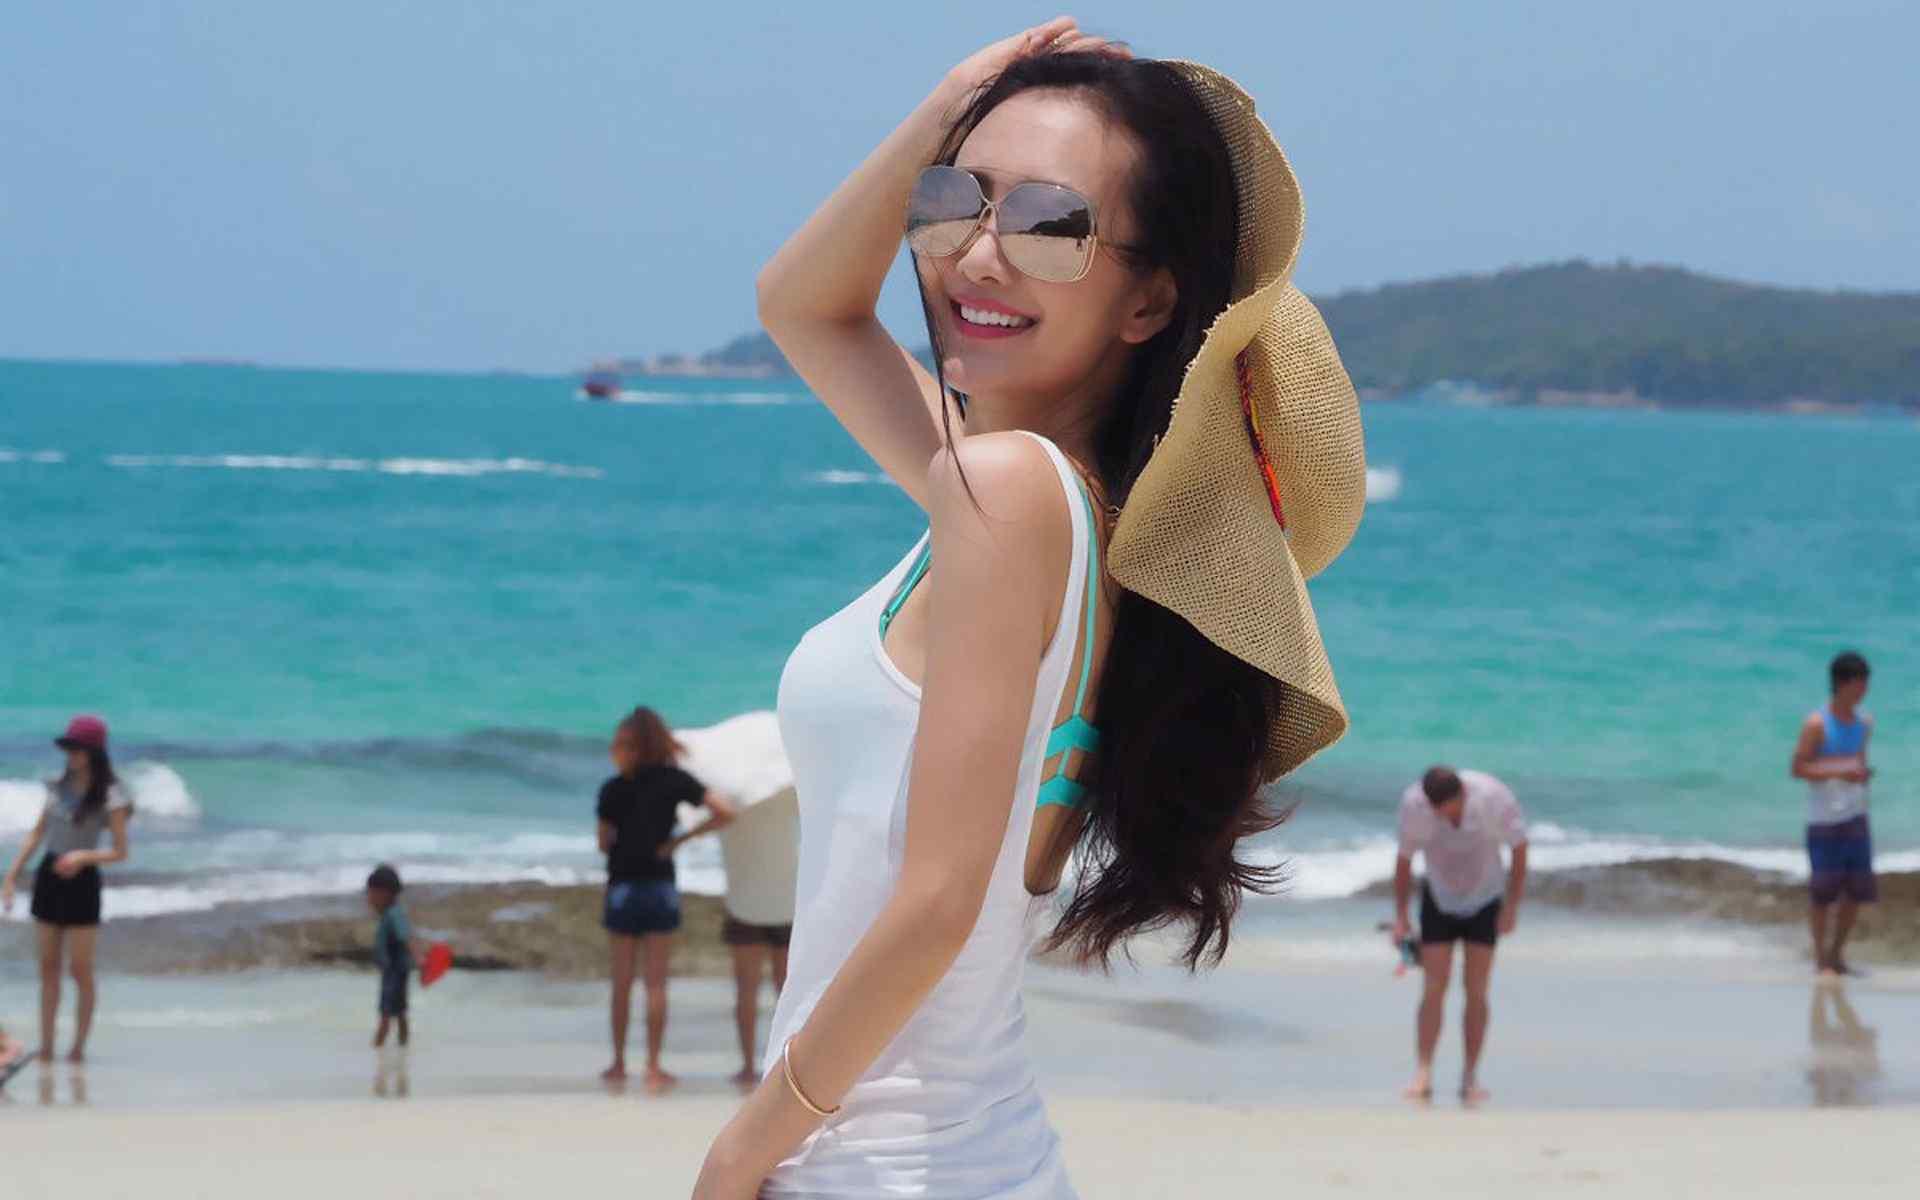 王鸥沙滩写真图片桌面壁纸